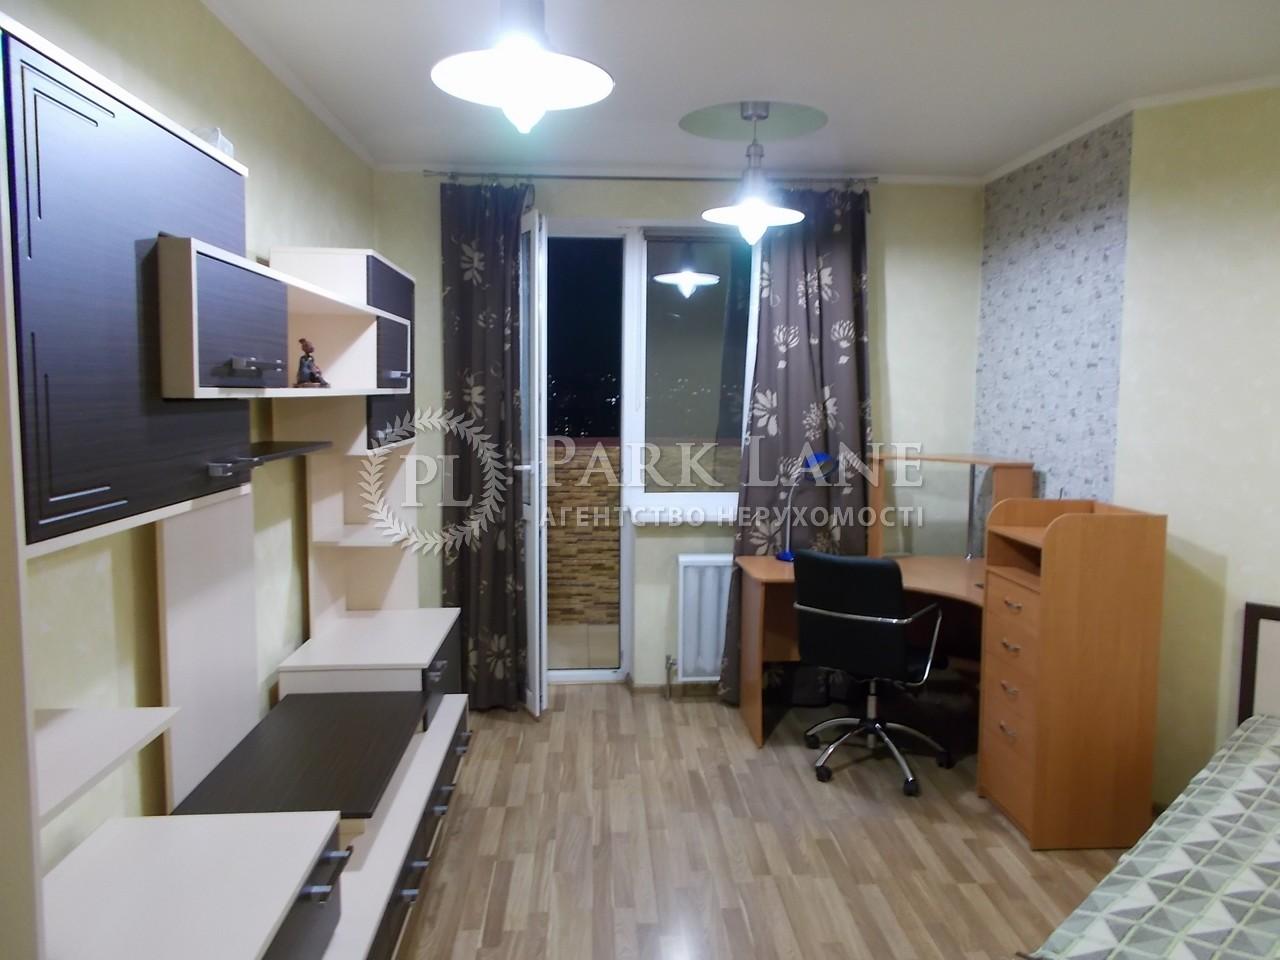 Квартира вул. Срібнокільська, 1, Київ, M-11279 - Фото 5